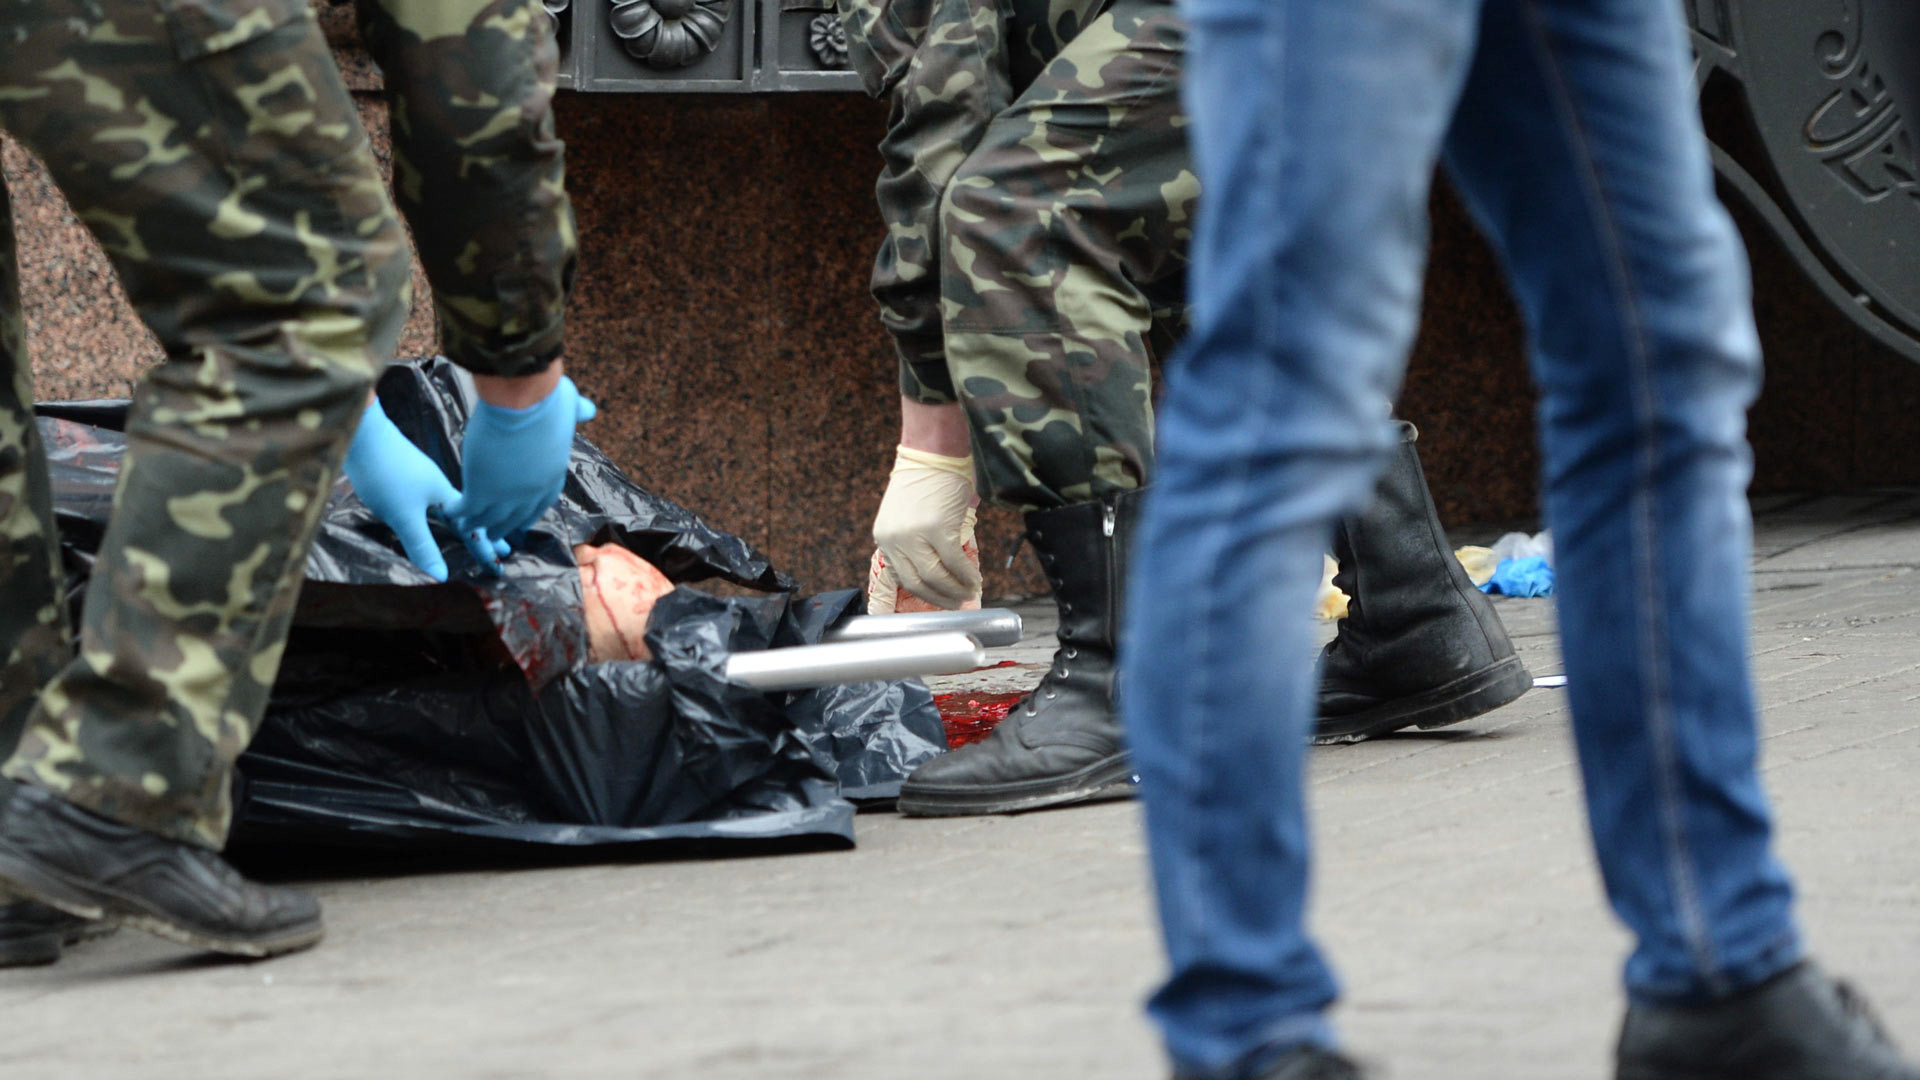 Фото: © РИА Новости / Алексей Вовк